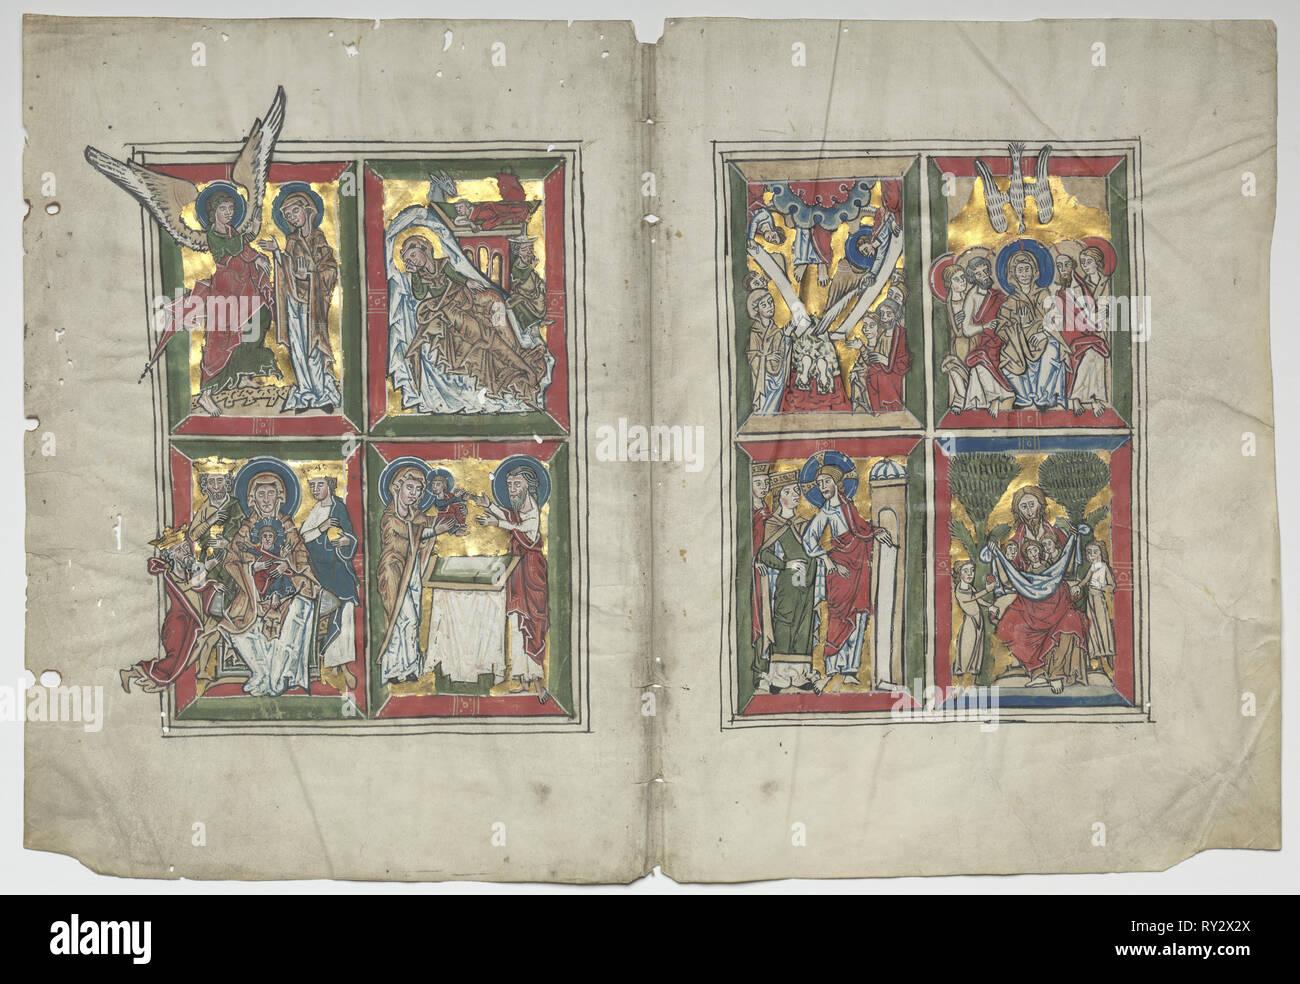 Bifolia avec des scènes de la vie du Christ, 1230-1240. Allemagne, Basse-Saxe (diocèse de Hildesheim), Braunschweig(?), 13e siècle. Tempera et or sur parchemin; feuille: 30,7 x 31 cm (12 1/16 x 12 3/16 po.); pans: 48,3 x 63,5 cm (19 x 25 in.); total: 30,7 x 45,2 cm (12 1/16 x 17 13/16 in.); enchevêtrées: 40,6 x 55,9 cm (16 x 22 in Banque D'Images